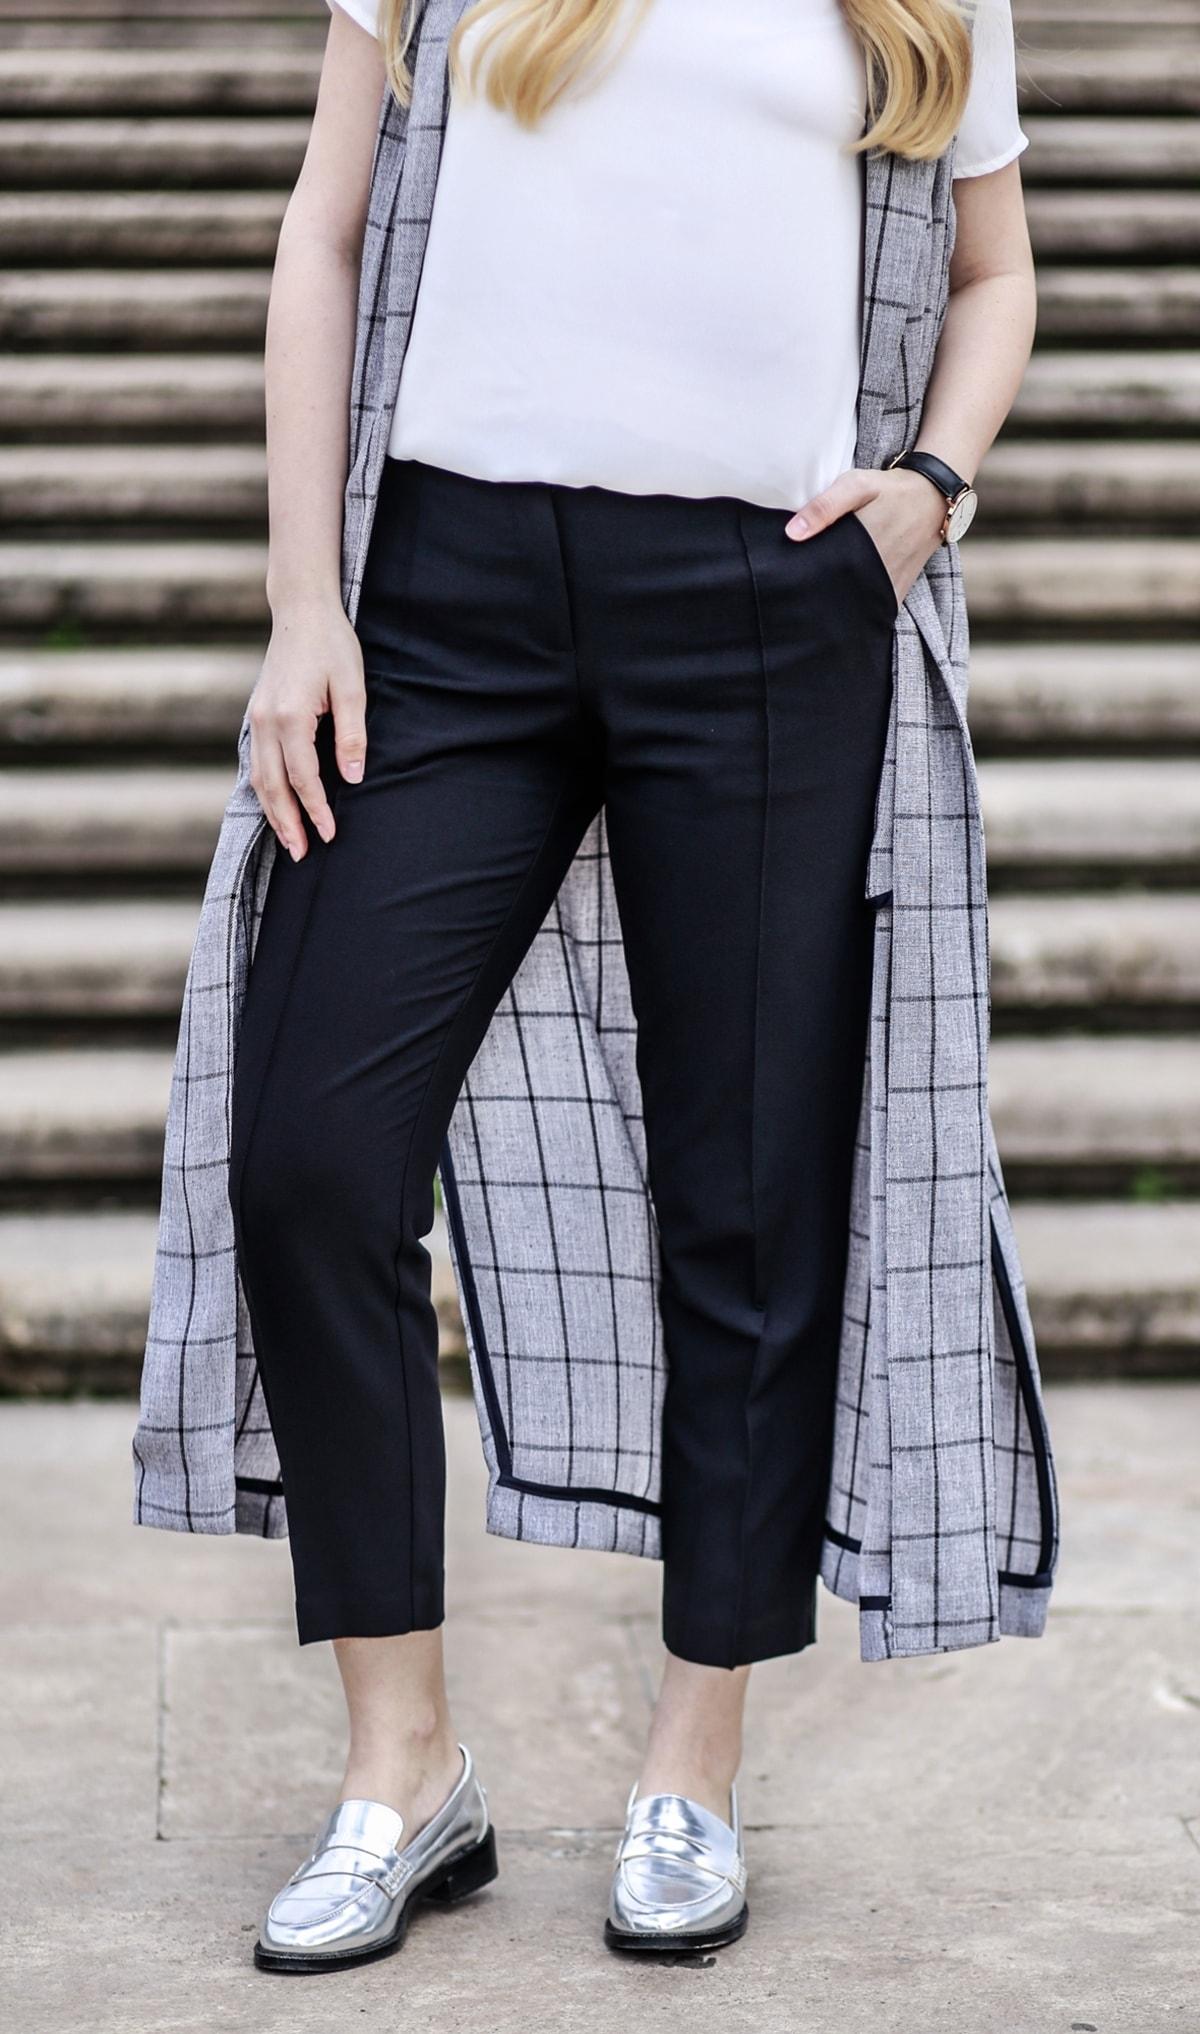 pantaloni office cu dunga, pana, negri - woman fashion